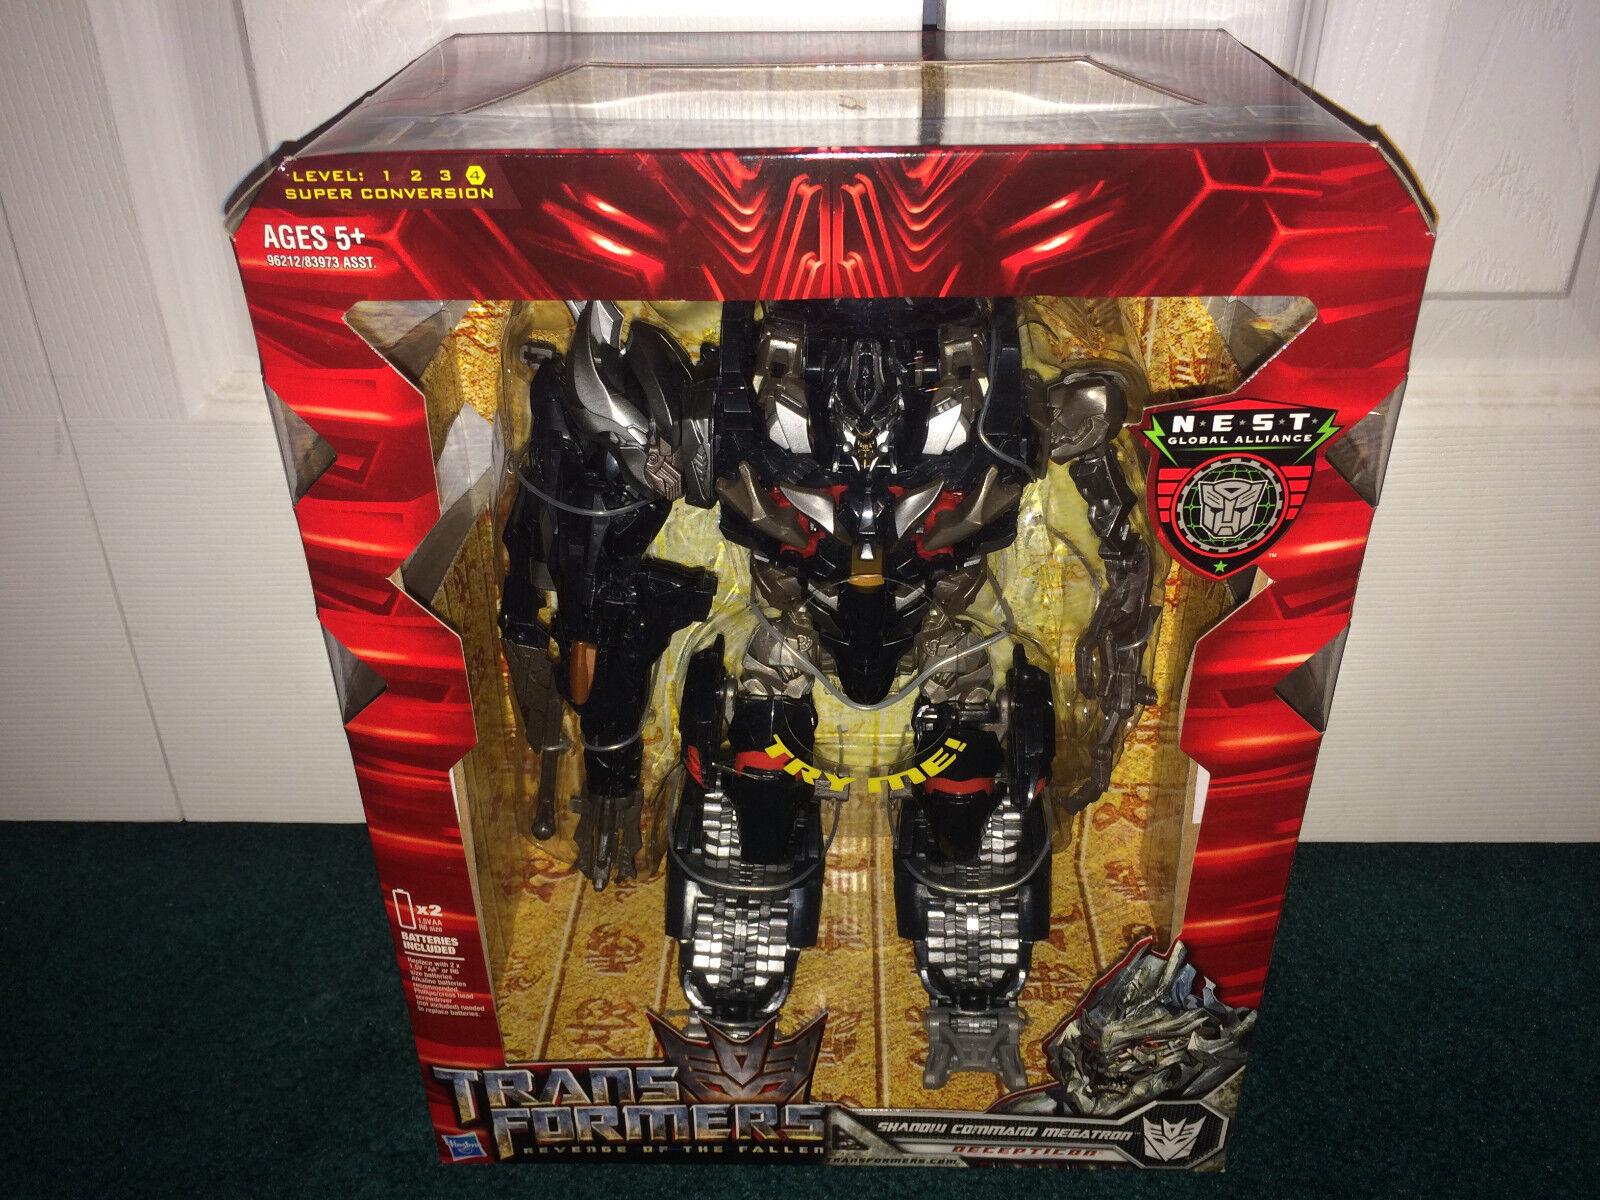 Megatron Leader Class rojof comando de sombra Transformers Hasbro 2009 Sellado